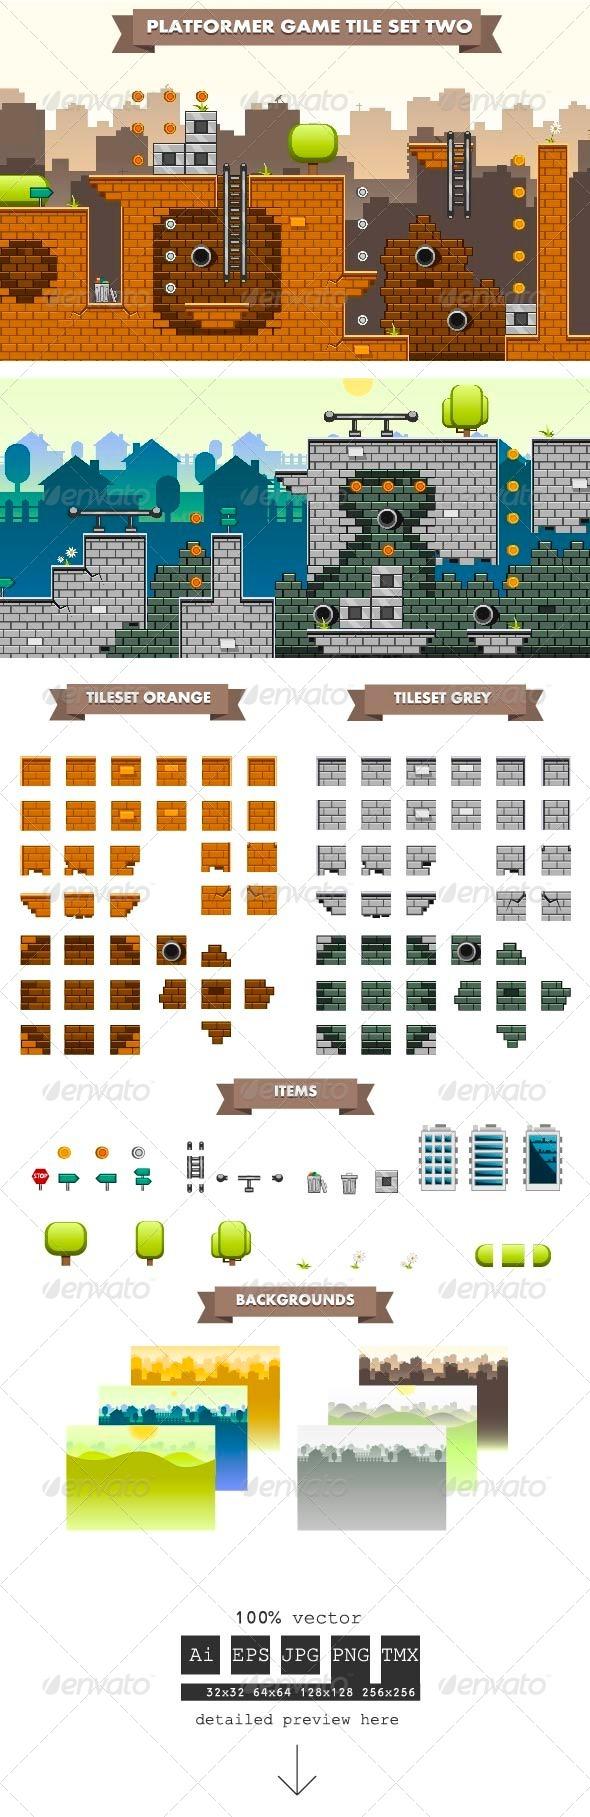 GraphicRiver Platformer Game Tile Set Two 6057247